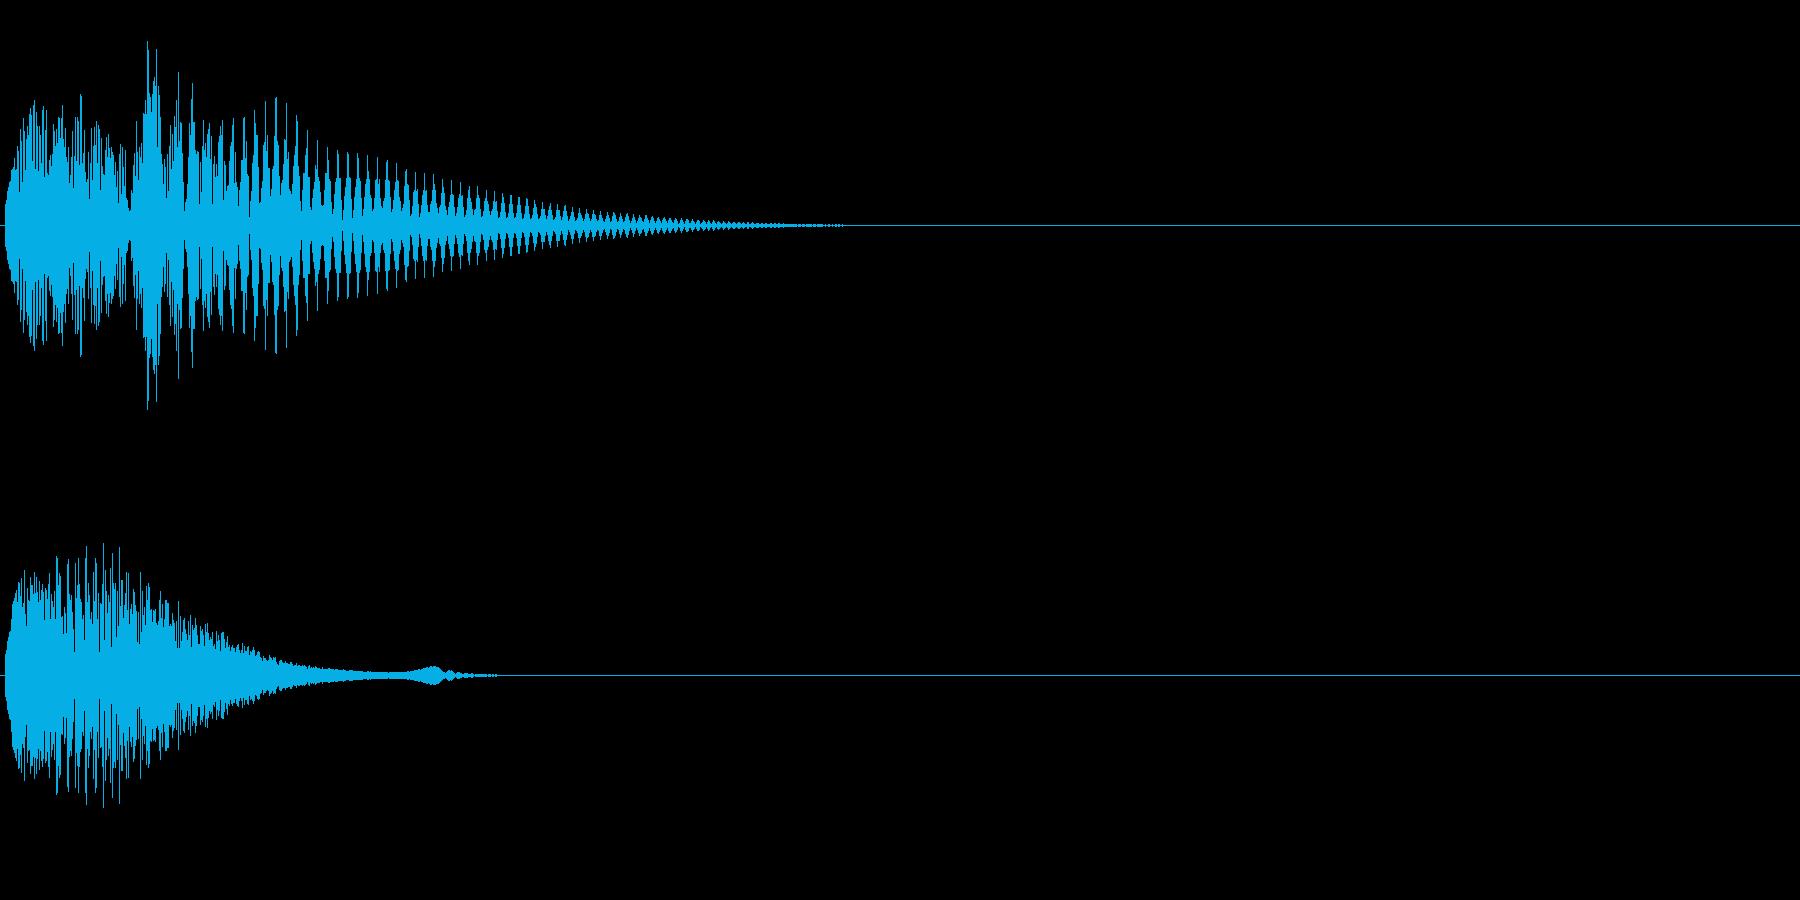 Baby 幼児玩具向け可愛い電子音2の再生済みの波形